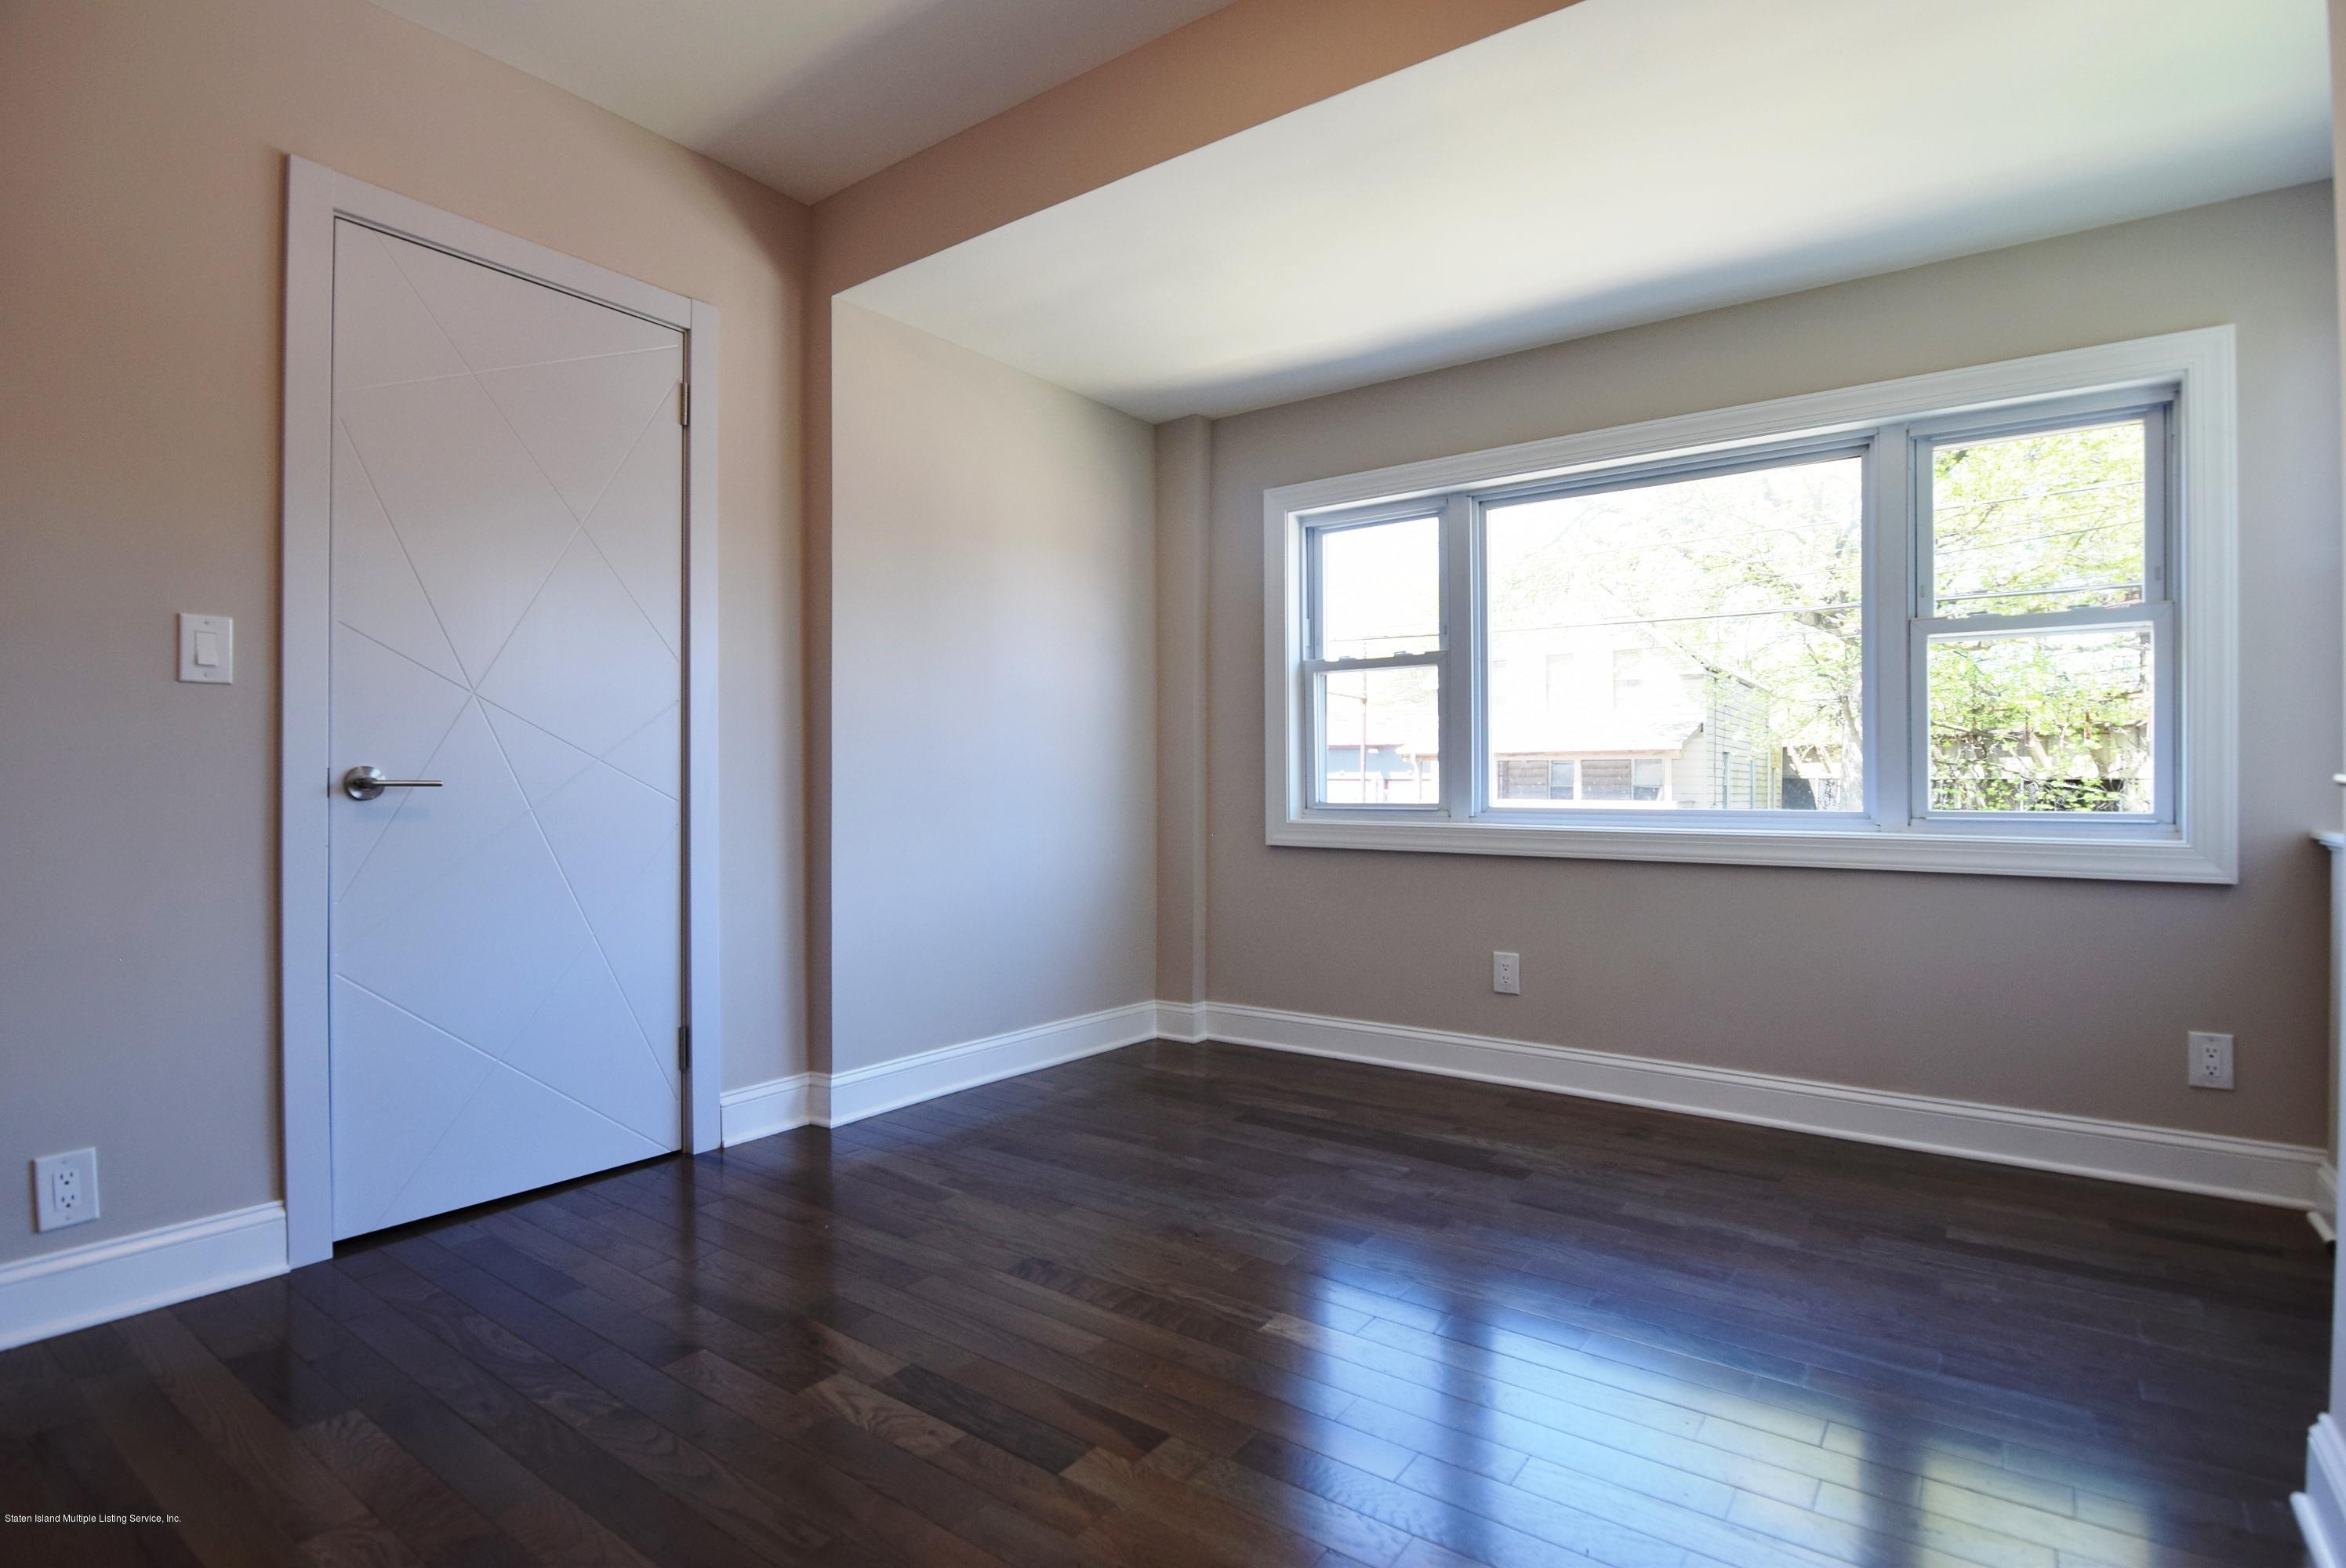 Single Family - Detached 55 Park Avenue  Staten Island, NY 10302, MLS-1128331-21